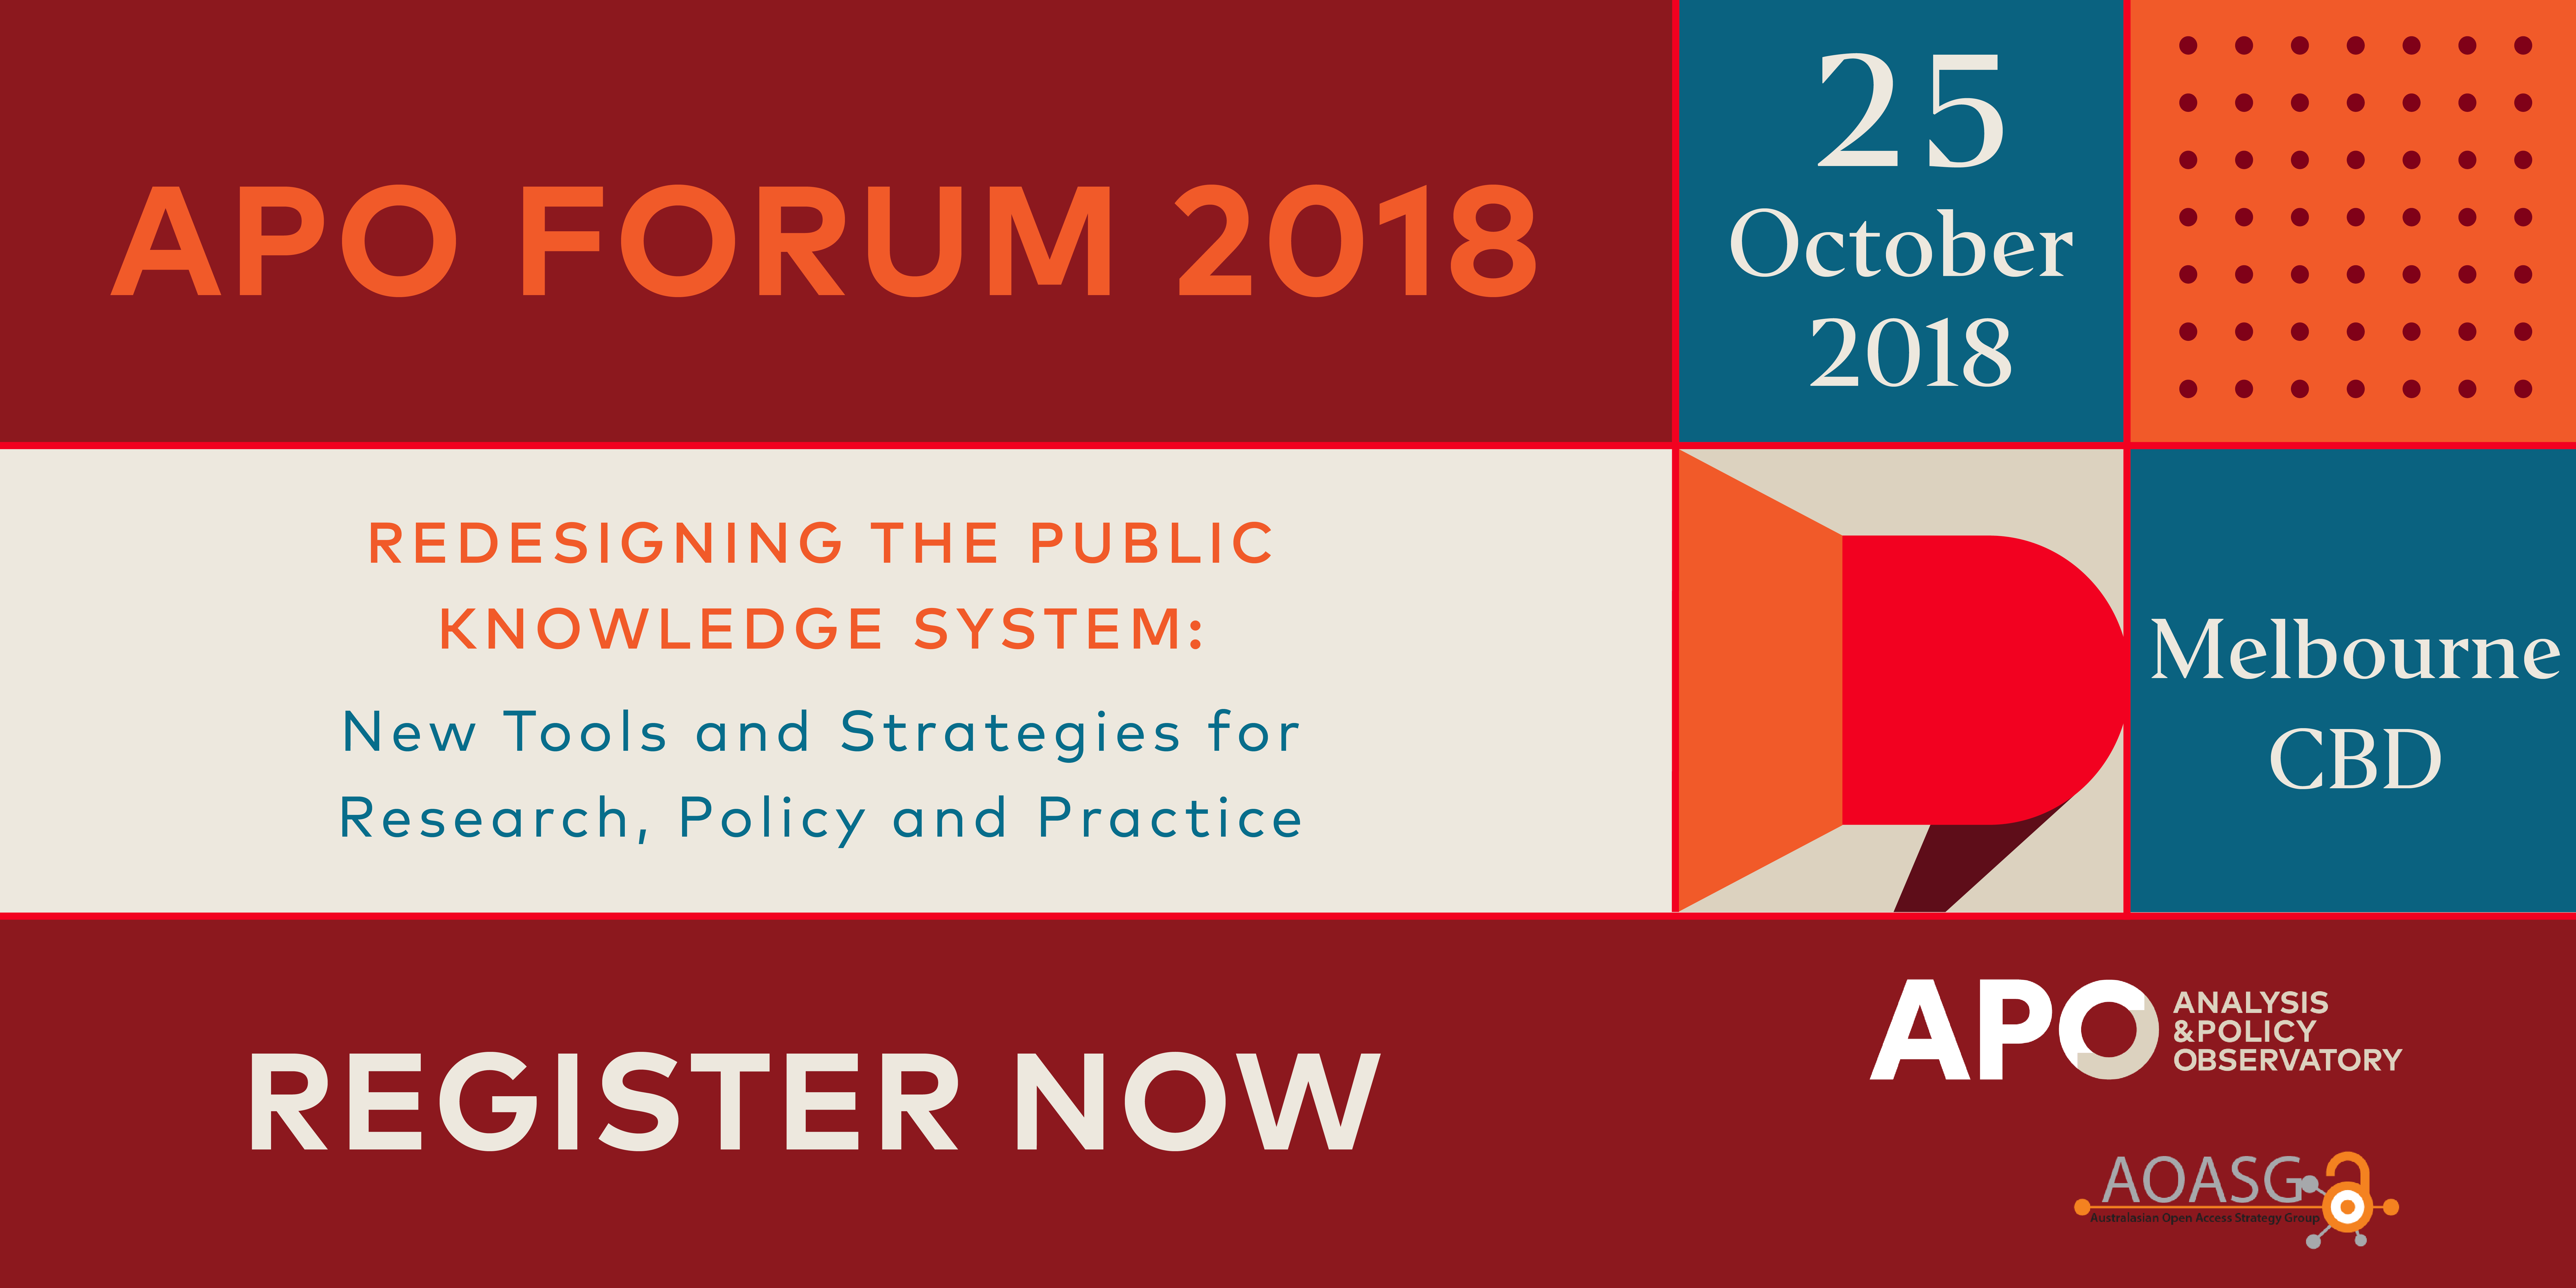 APO-Forum-2018-Eventbrite-(2160x1080)